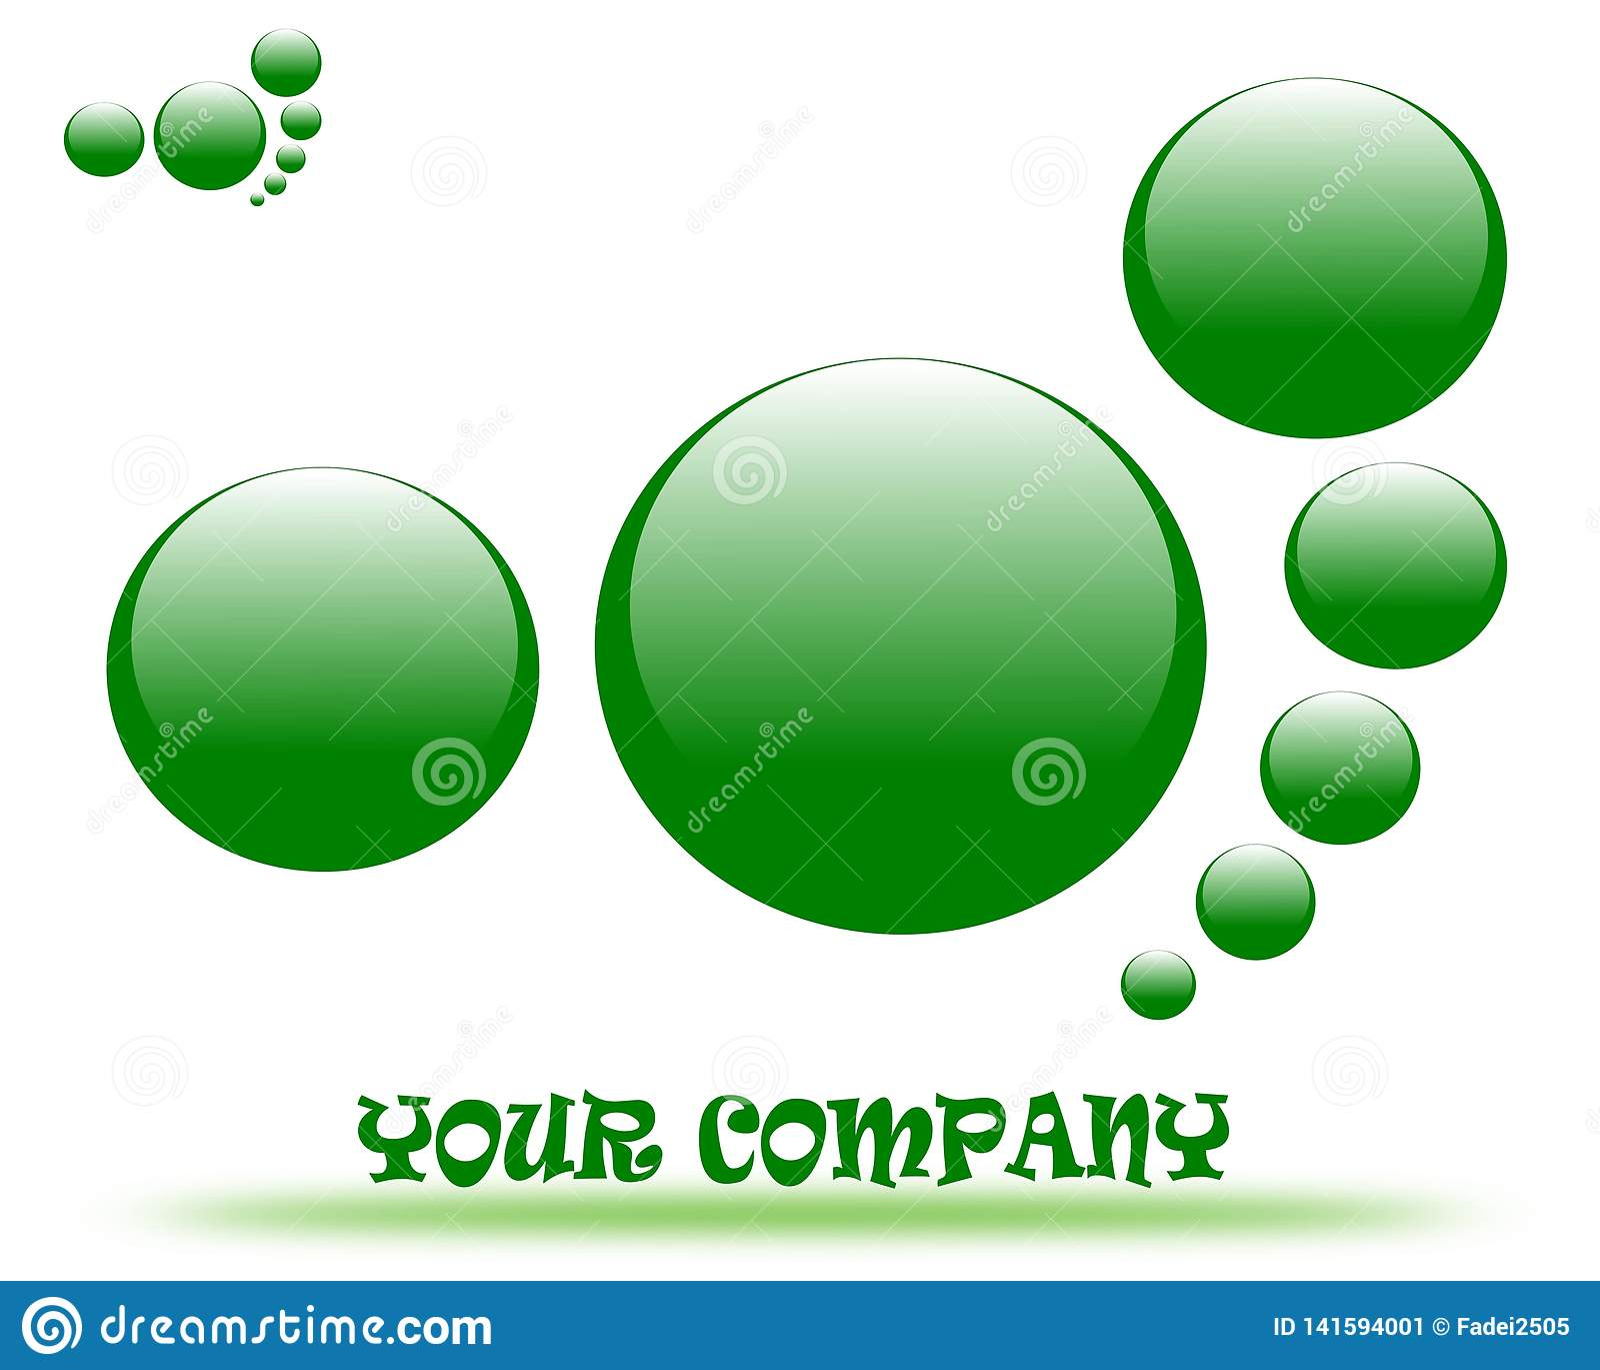 Drawing company logo.